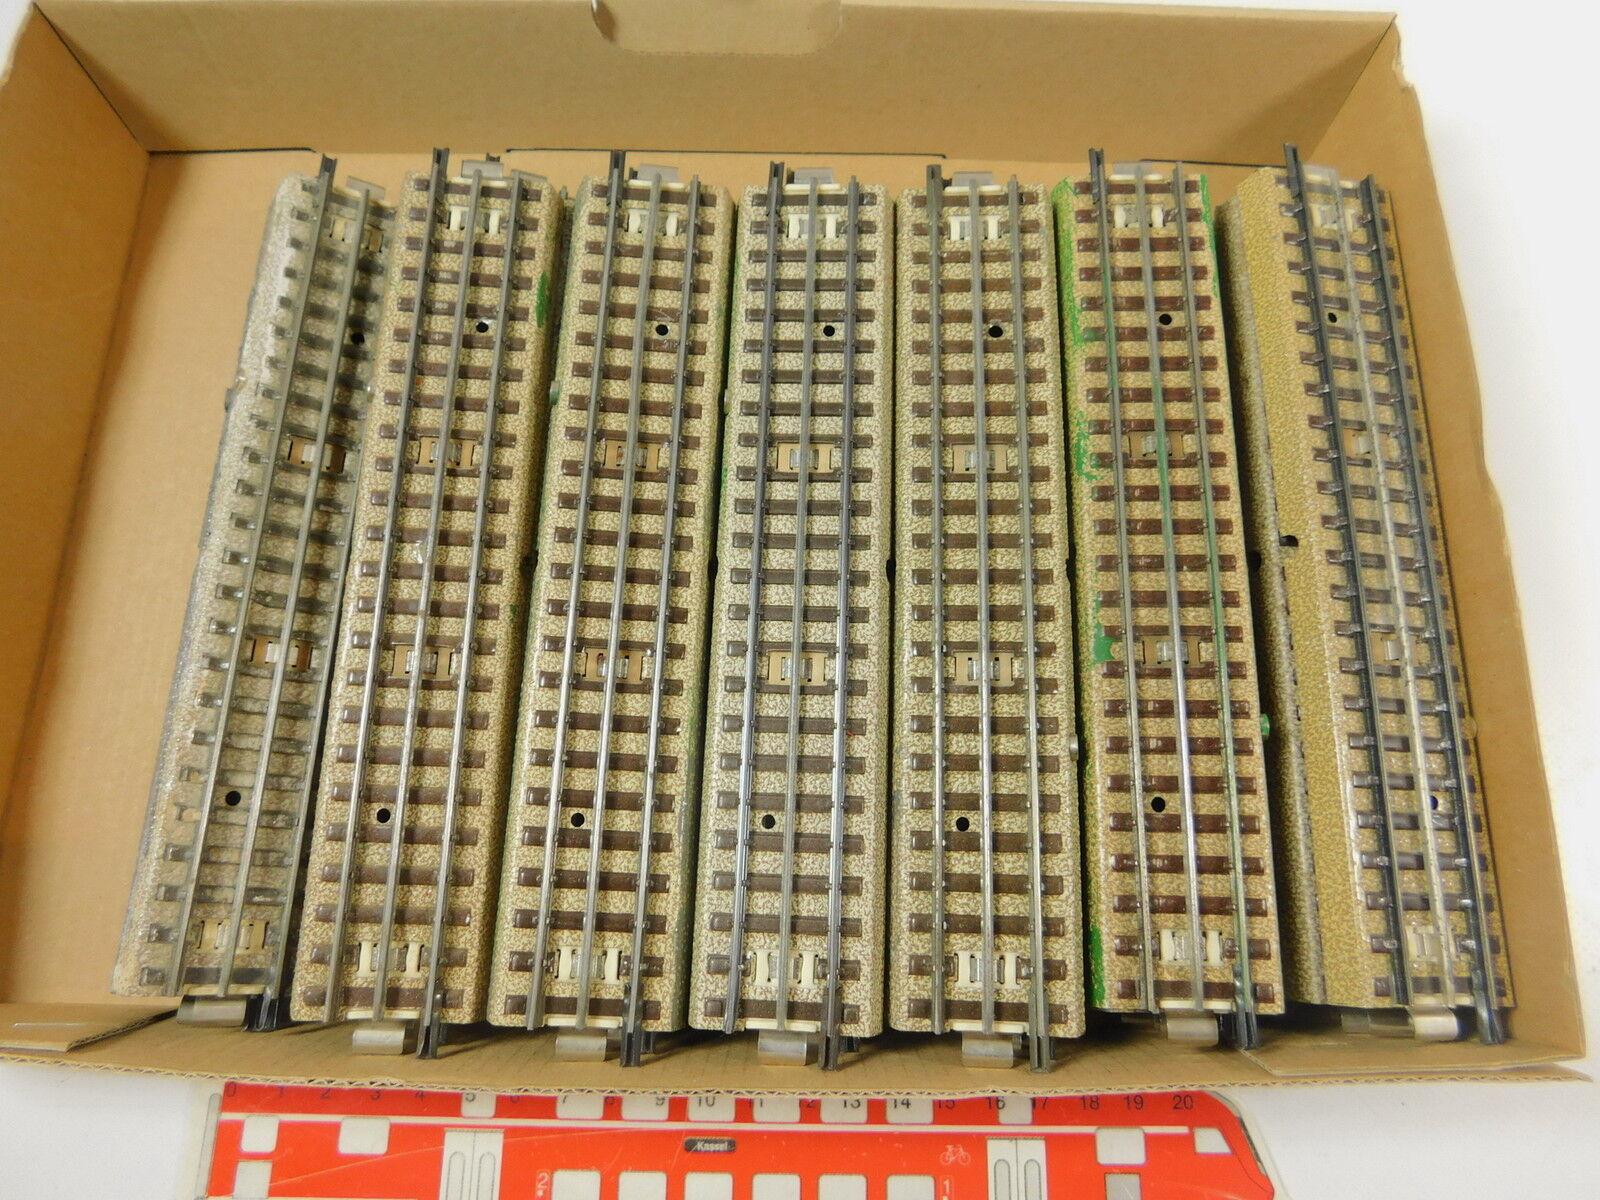 Ar509-2  34x marklin h0 00 ac pezzo di binario appena M-Binario 3600 800 capo fondi